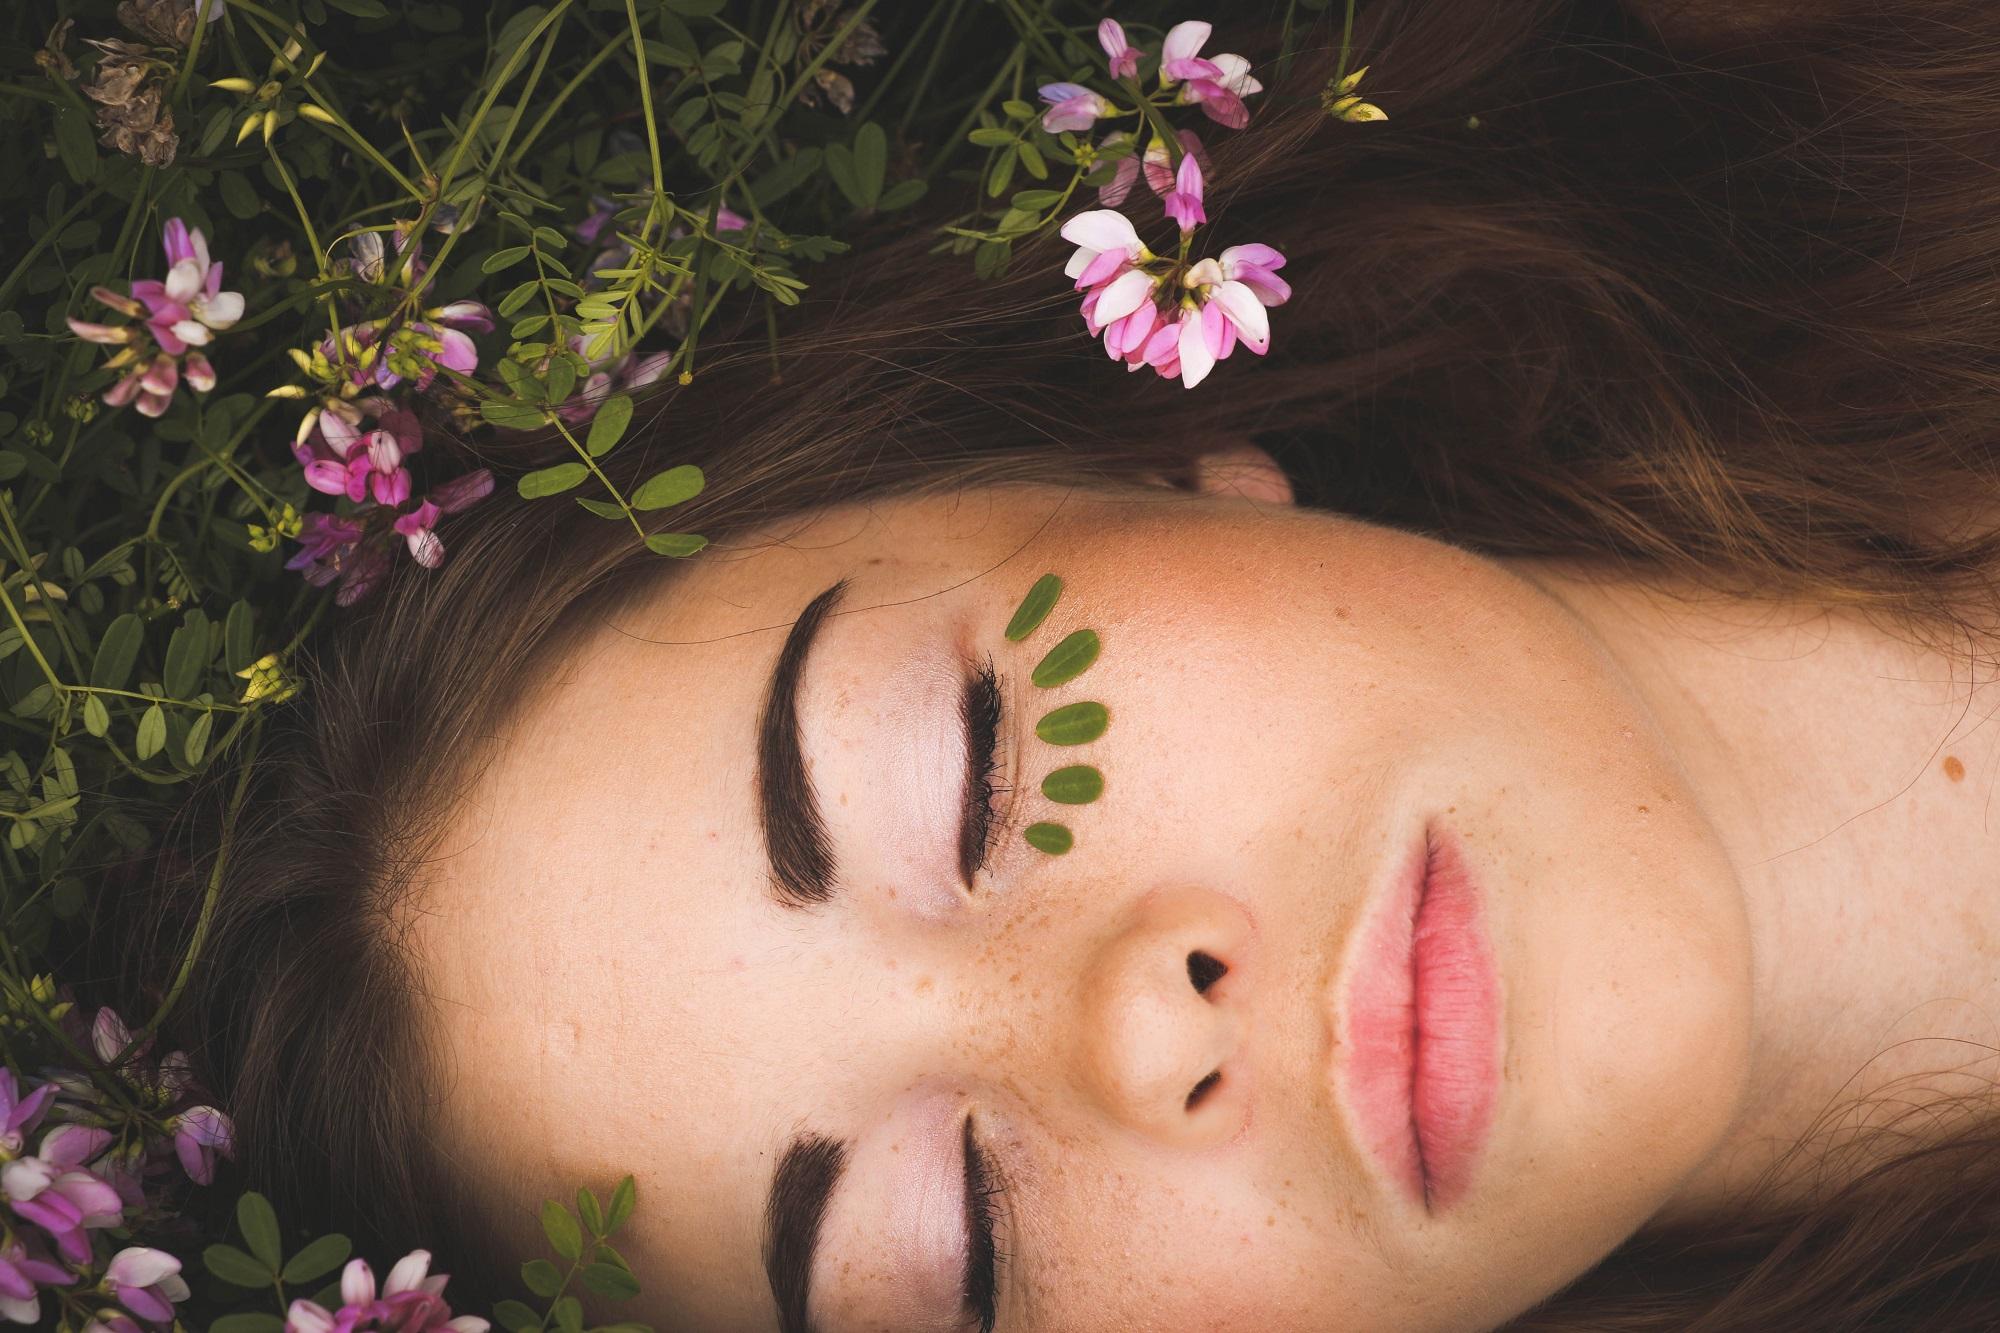 Soin visage, massothérapie faciale, réflexologie faciale